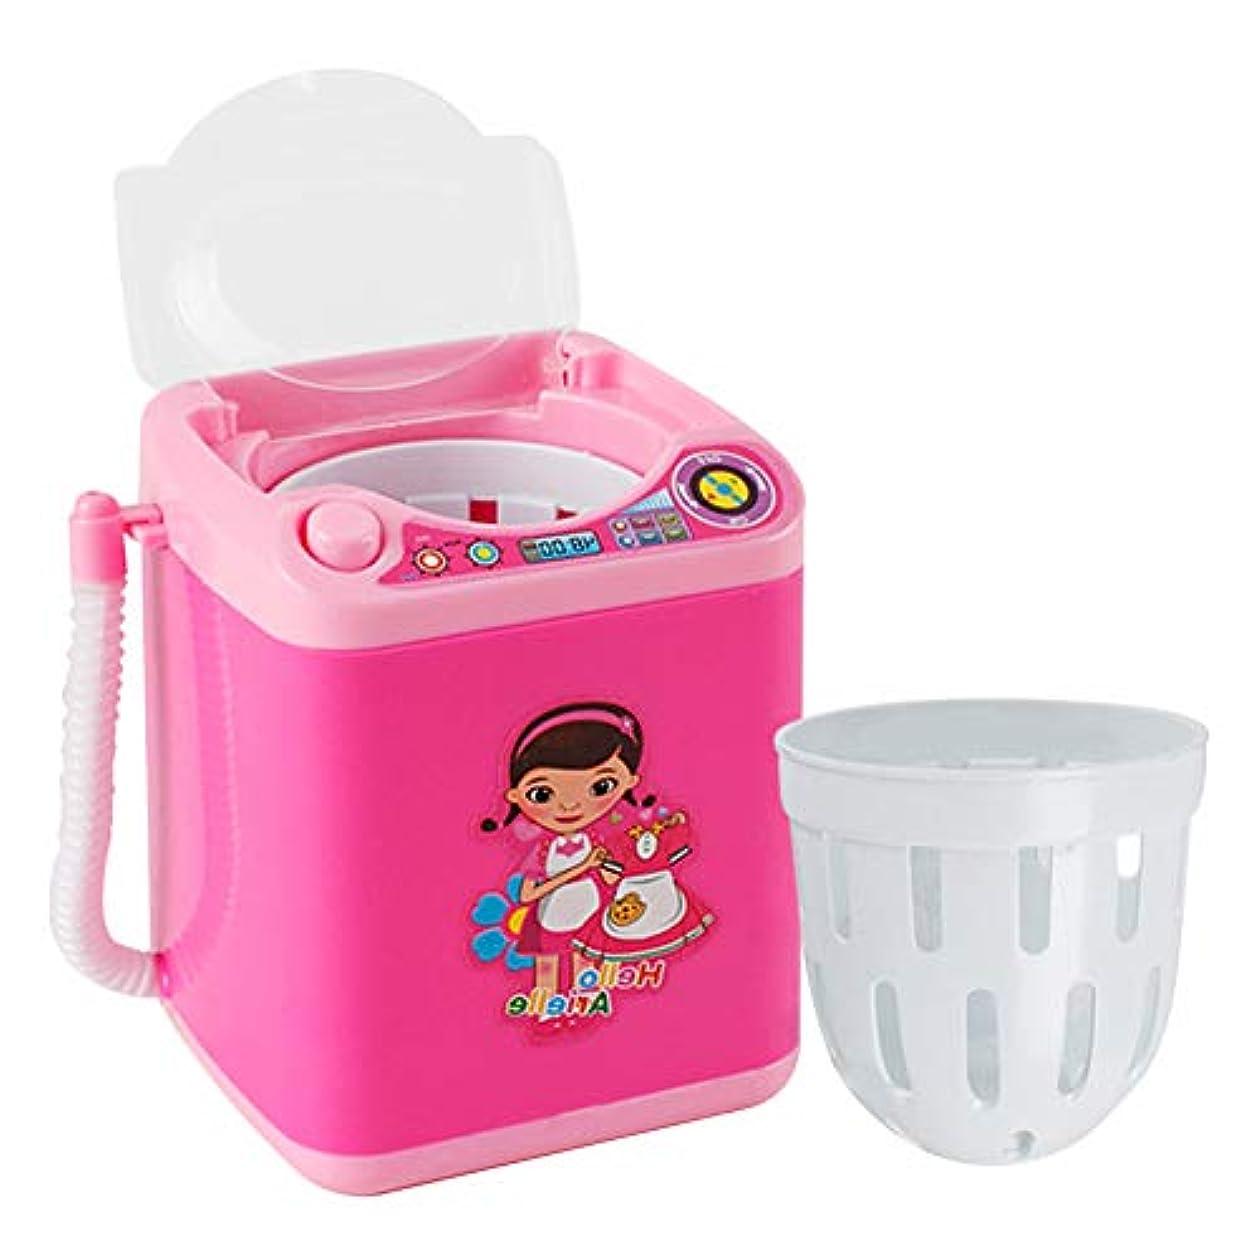 事実上ジョリー圧縮されたメイクアップブラシクリーナー、ミニ自動メイクアップブラシクリーニング装置、メイクアップブラシを清潔に保ち、自動かつ迅速なクリーニング(ピンク)